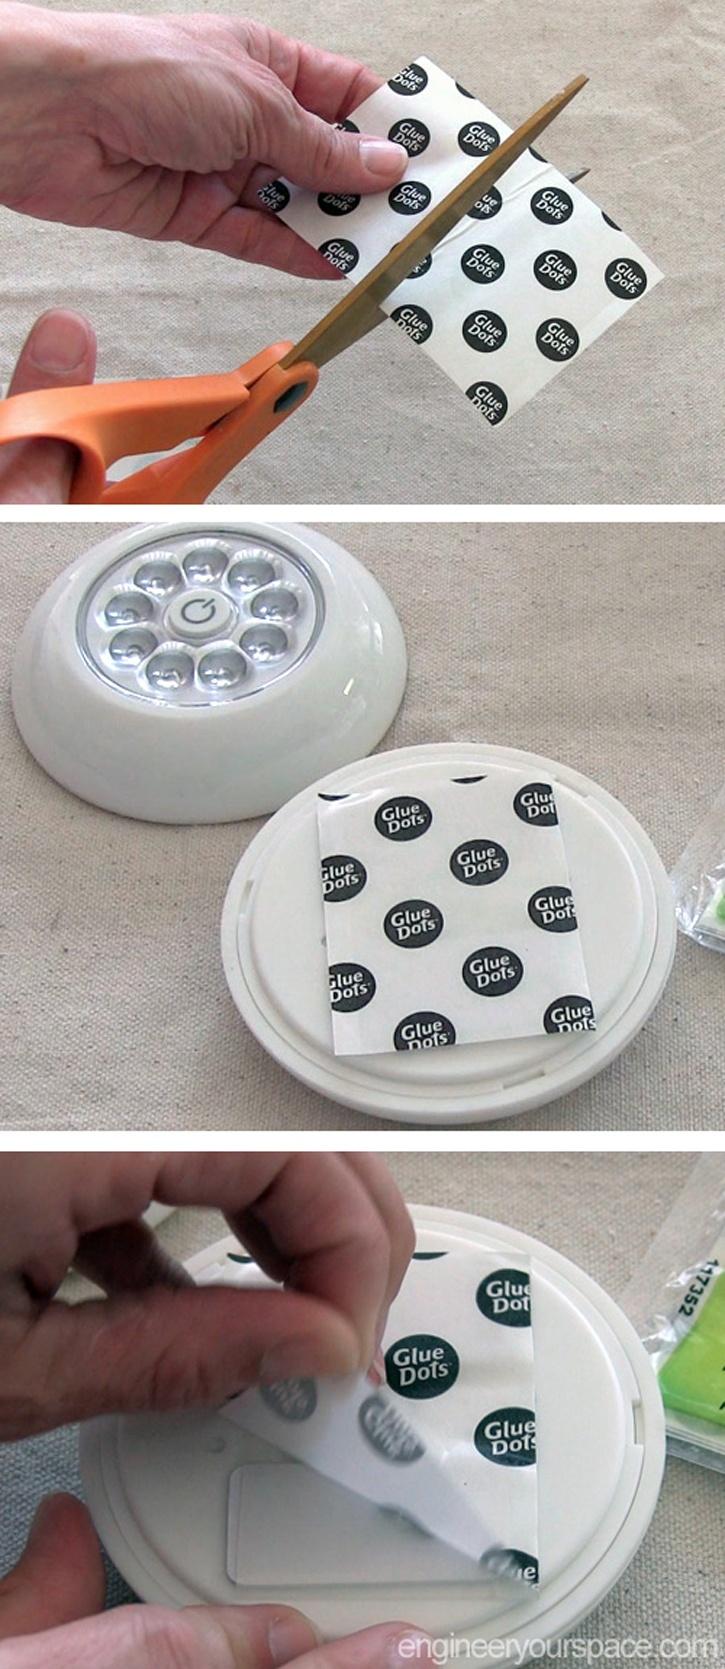 eys-led-lights-step-out-images.jpg